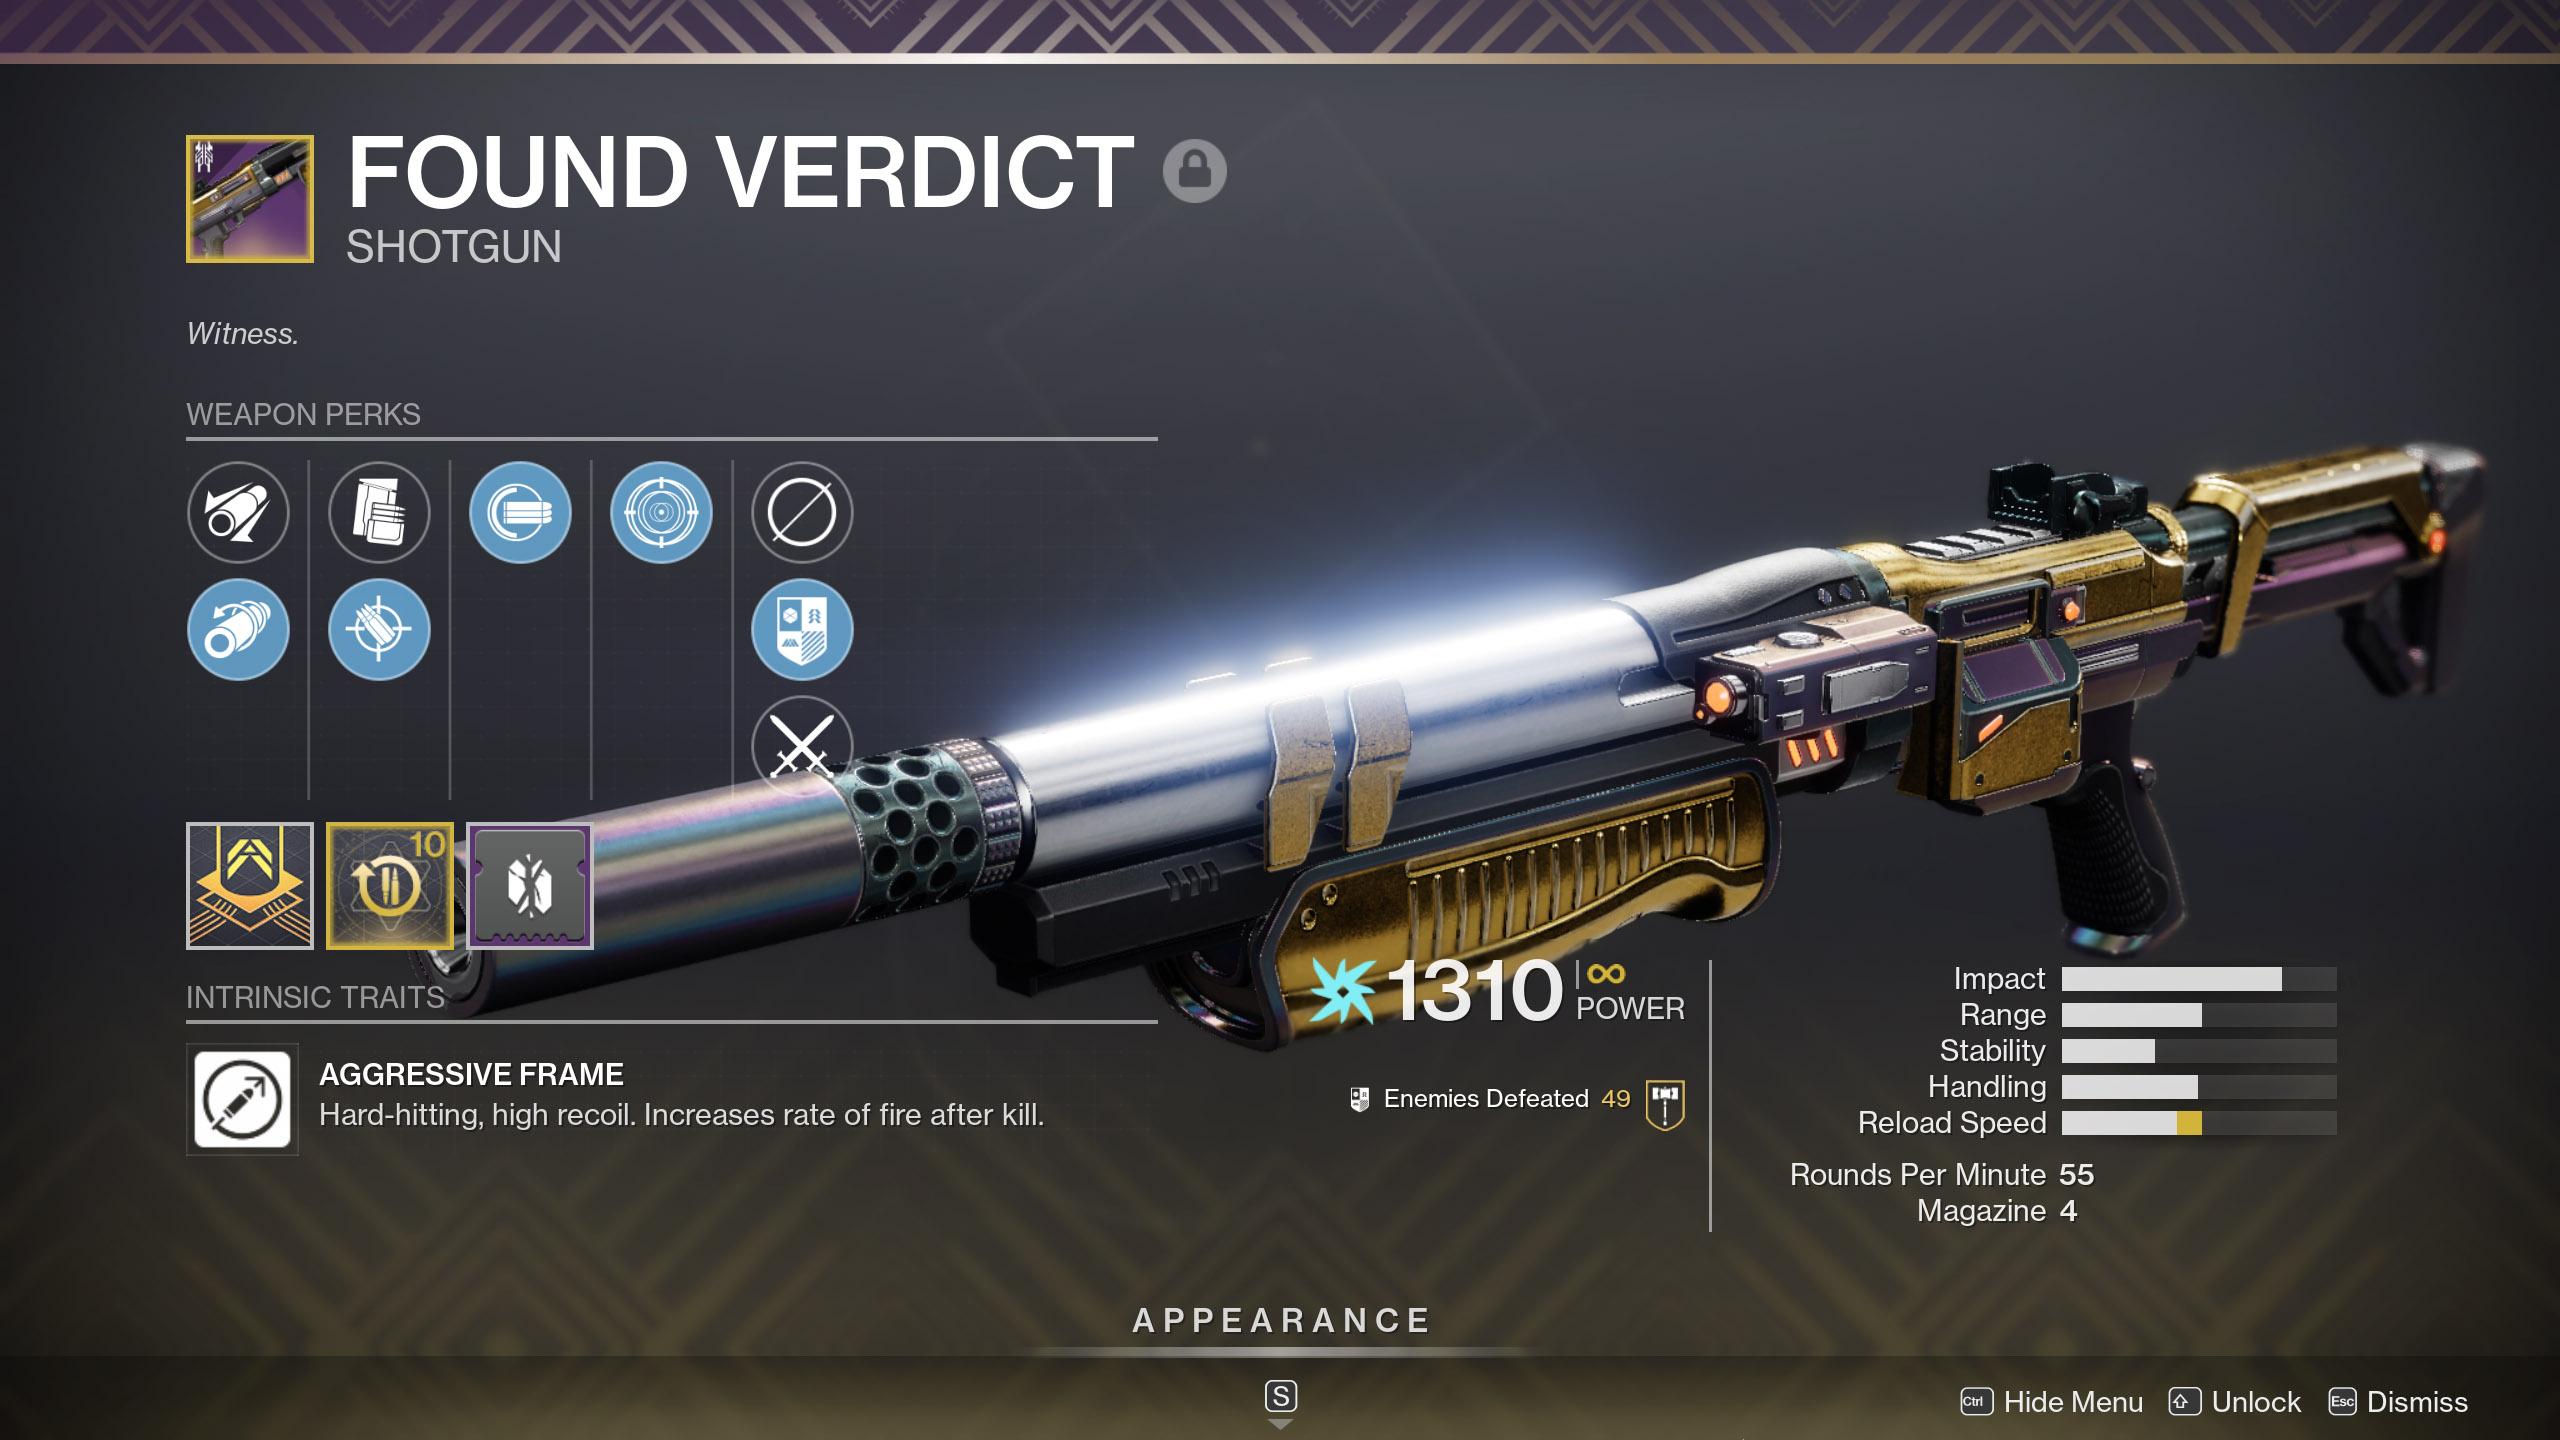 destiny 2 found verdict god roll